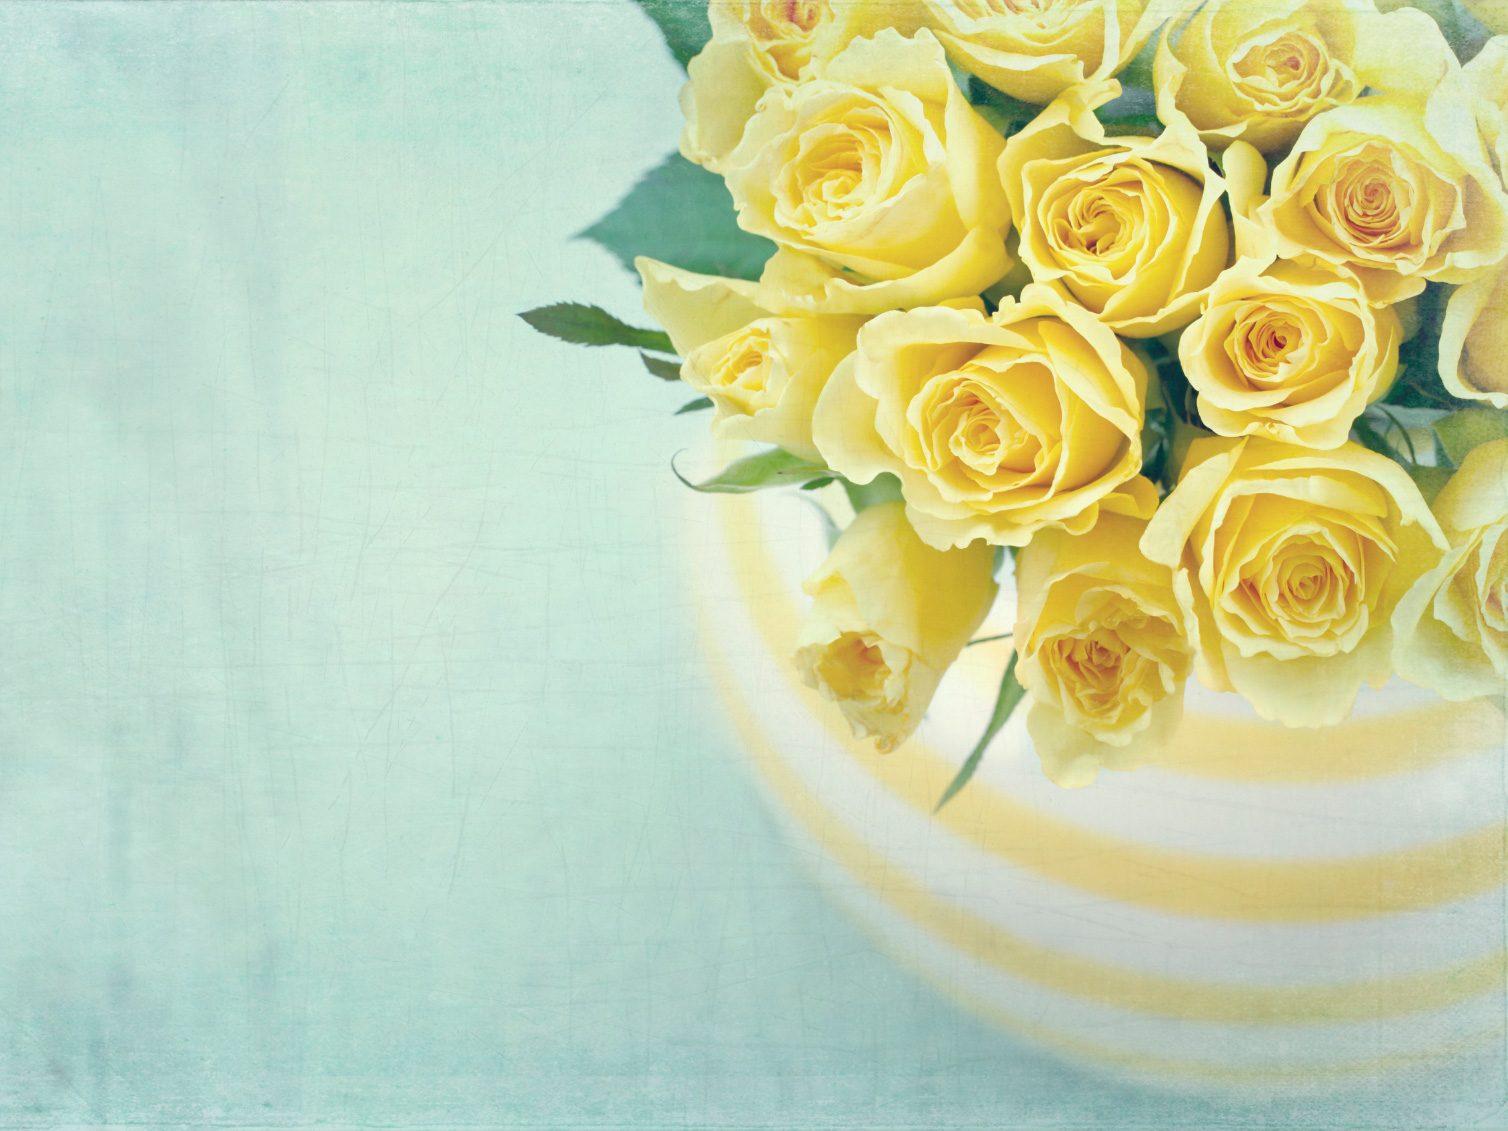 Vase of fresh flowers